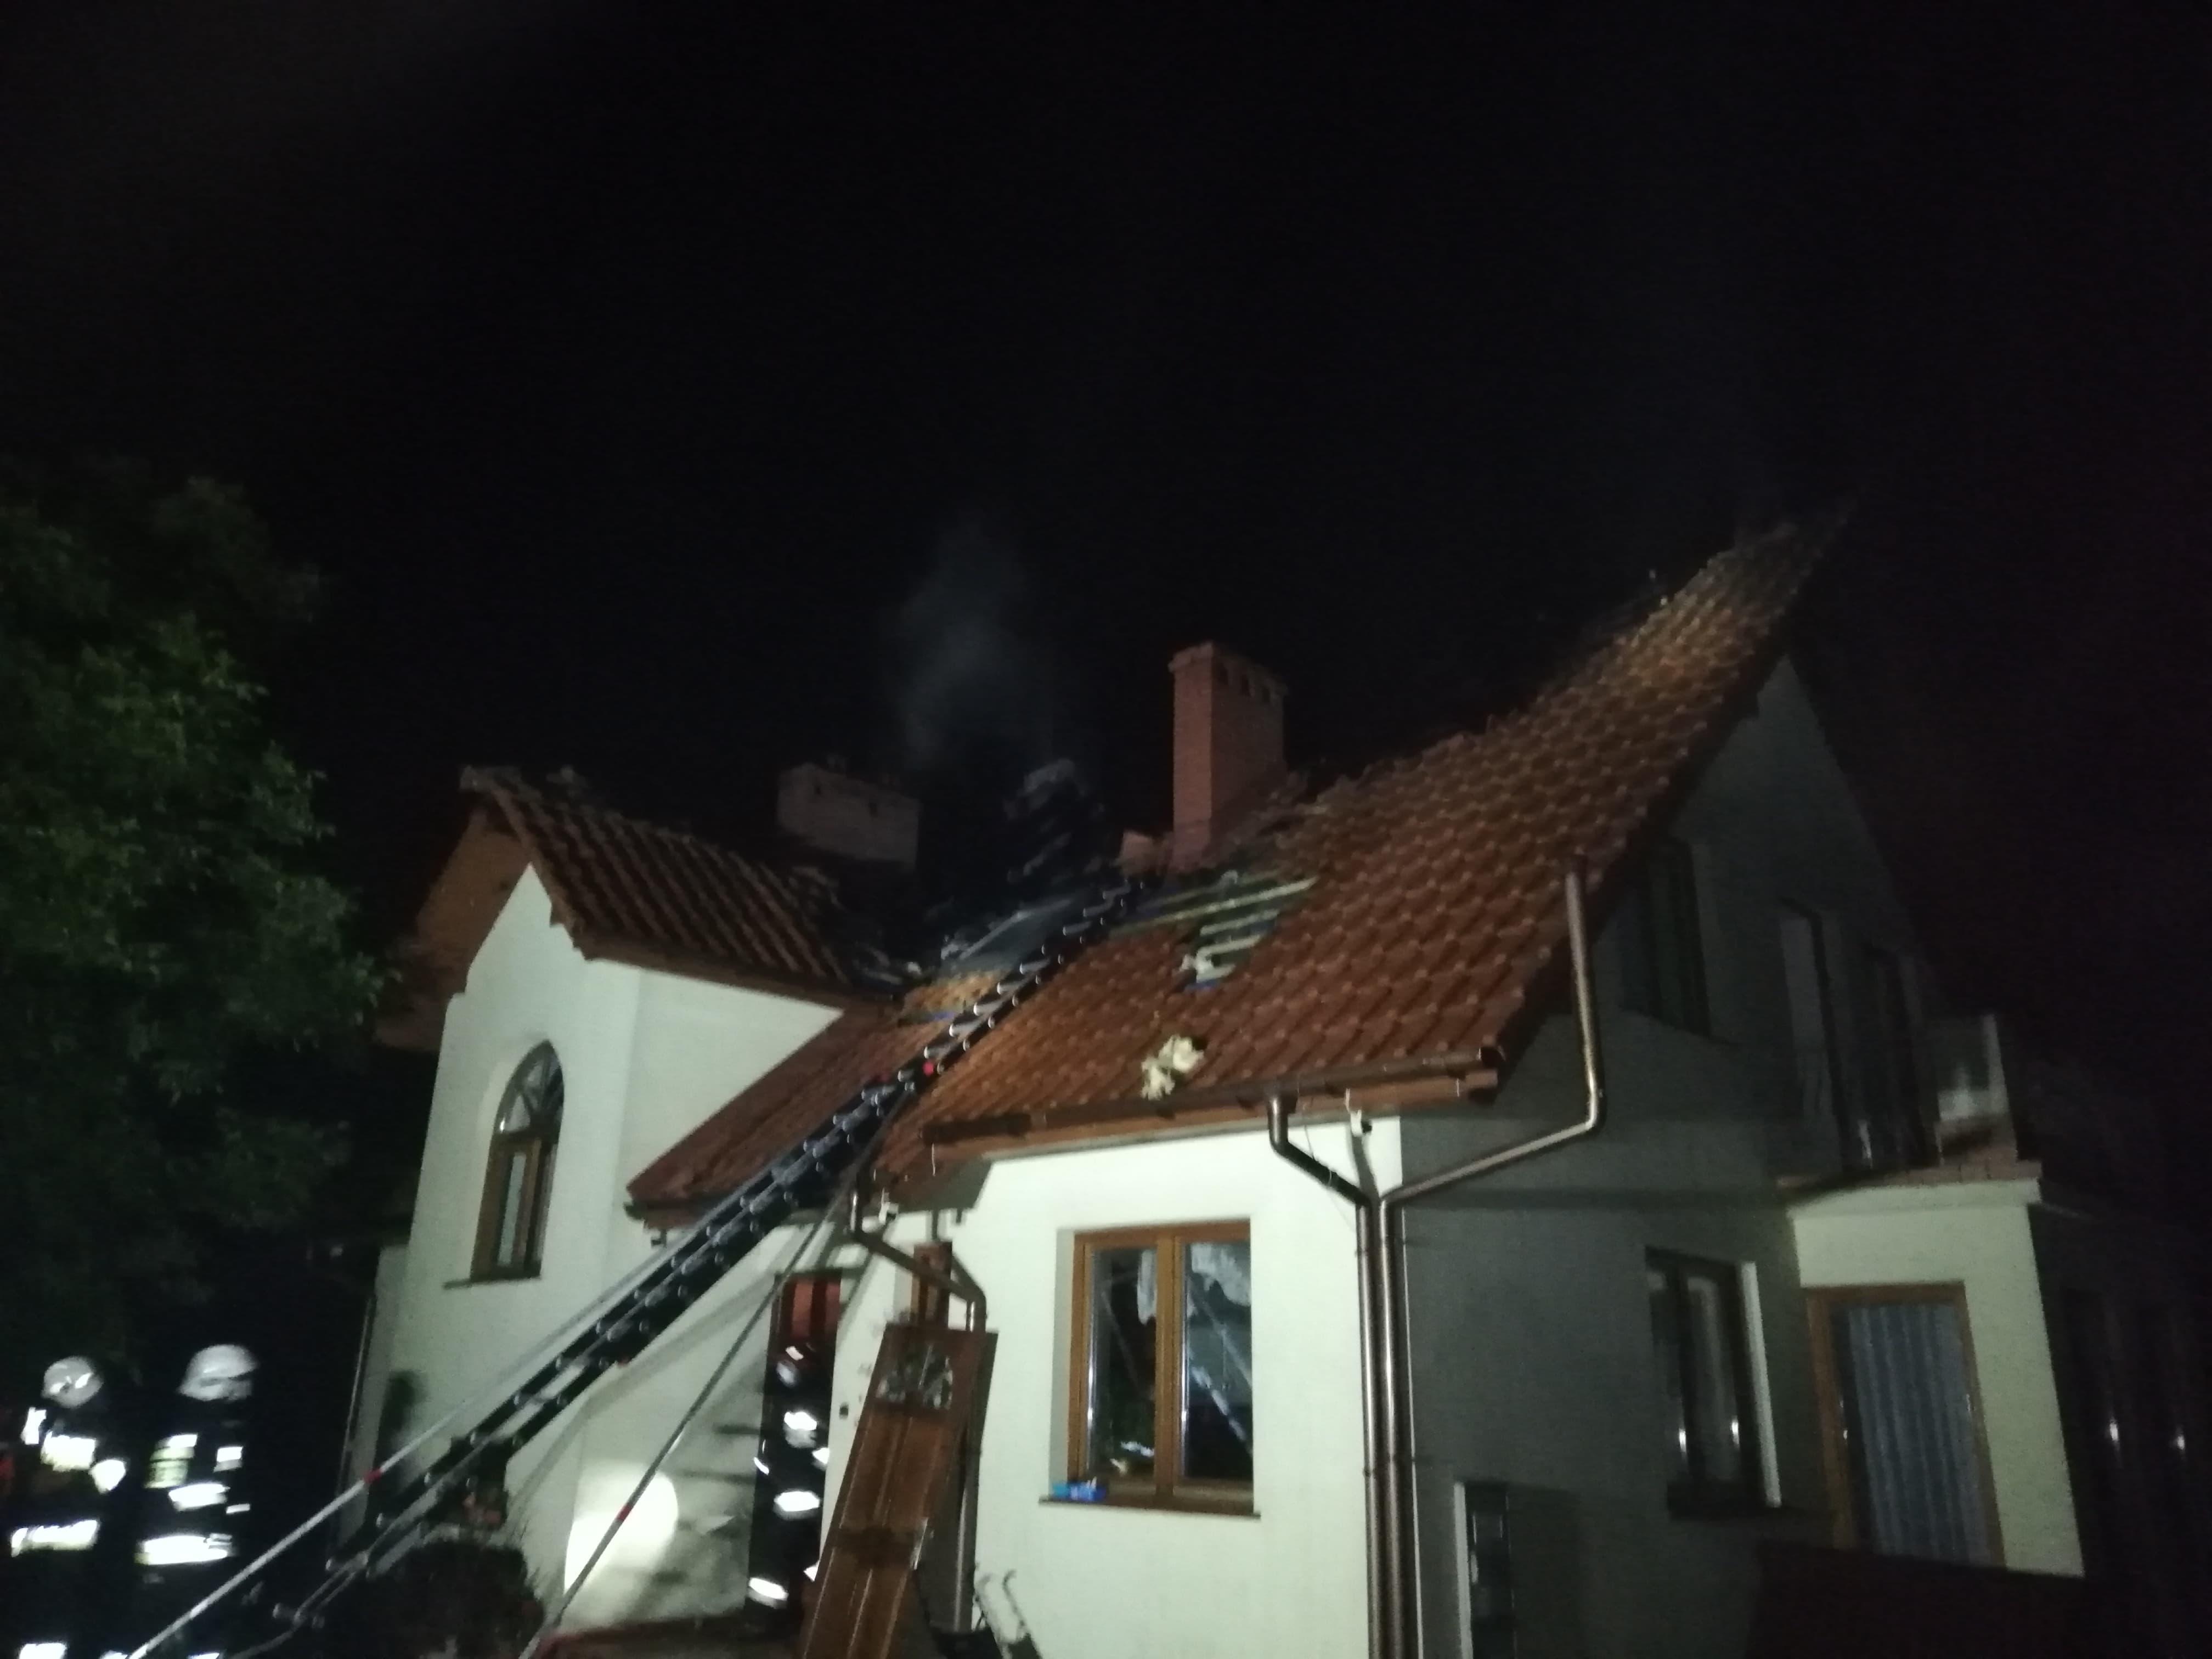 Kilka zastępów straży pożarnej gasiło pożar domu [FOTO]